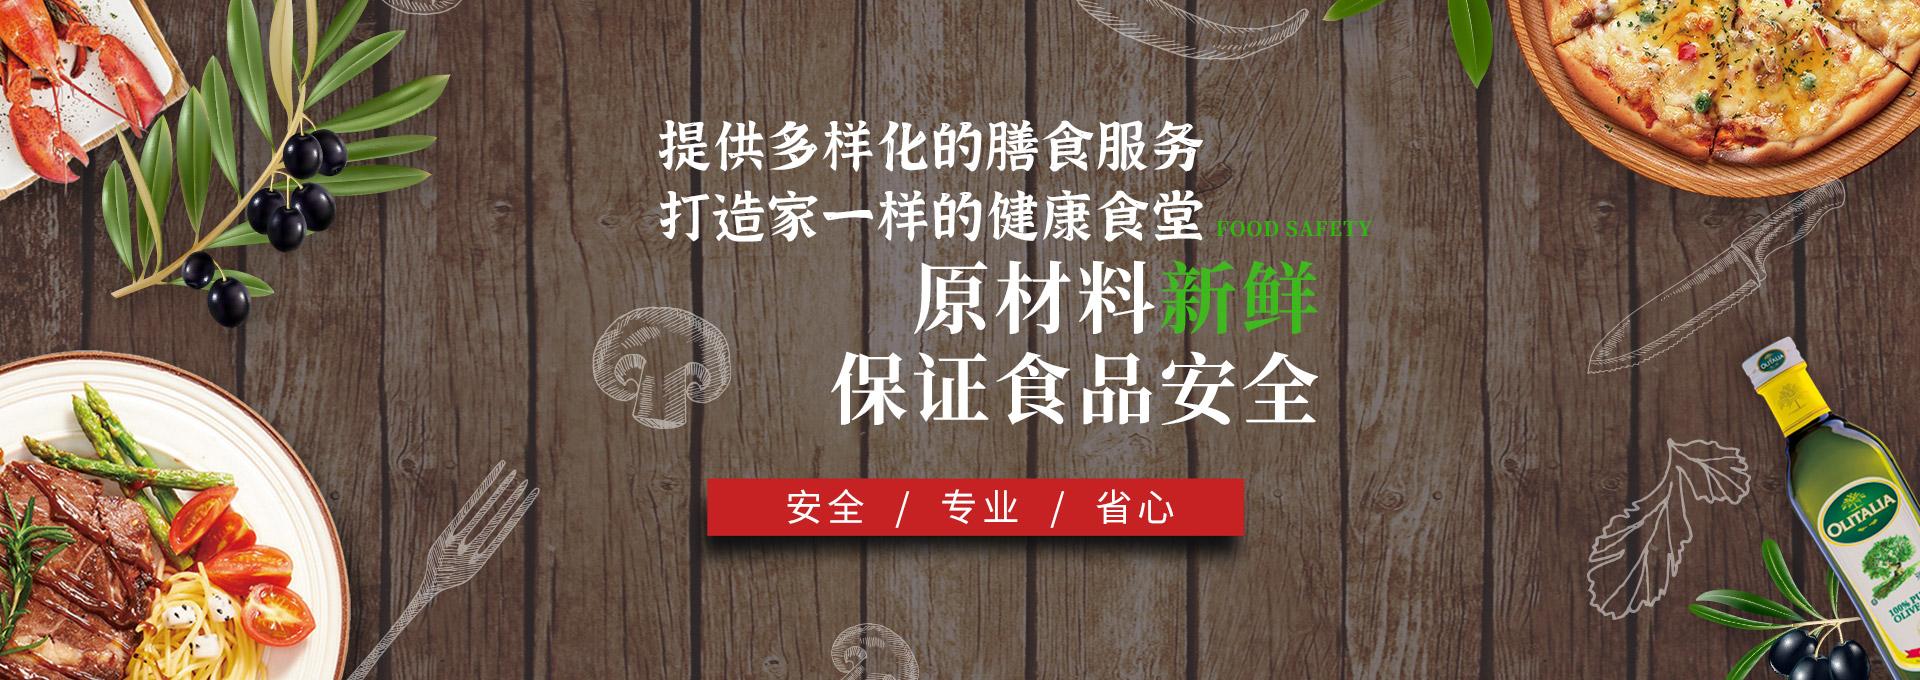 重庆食材配送公司